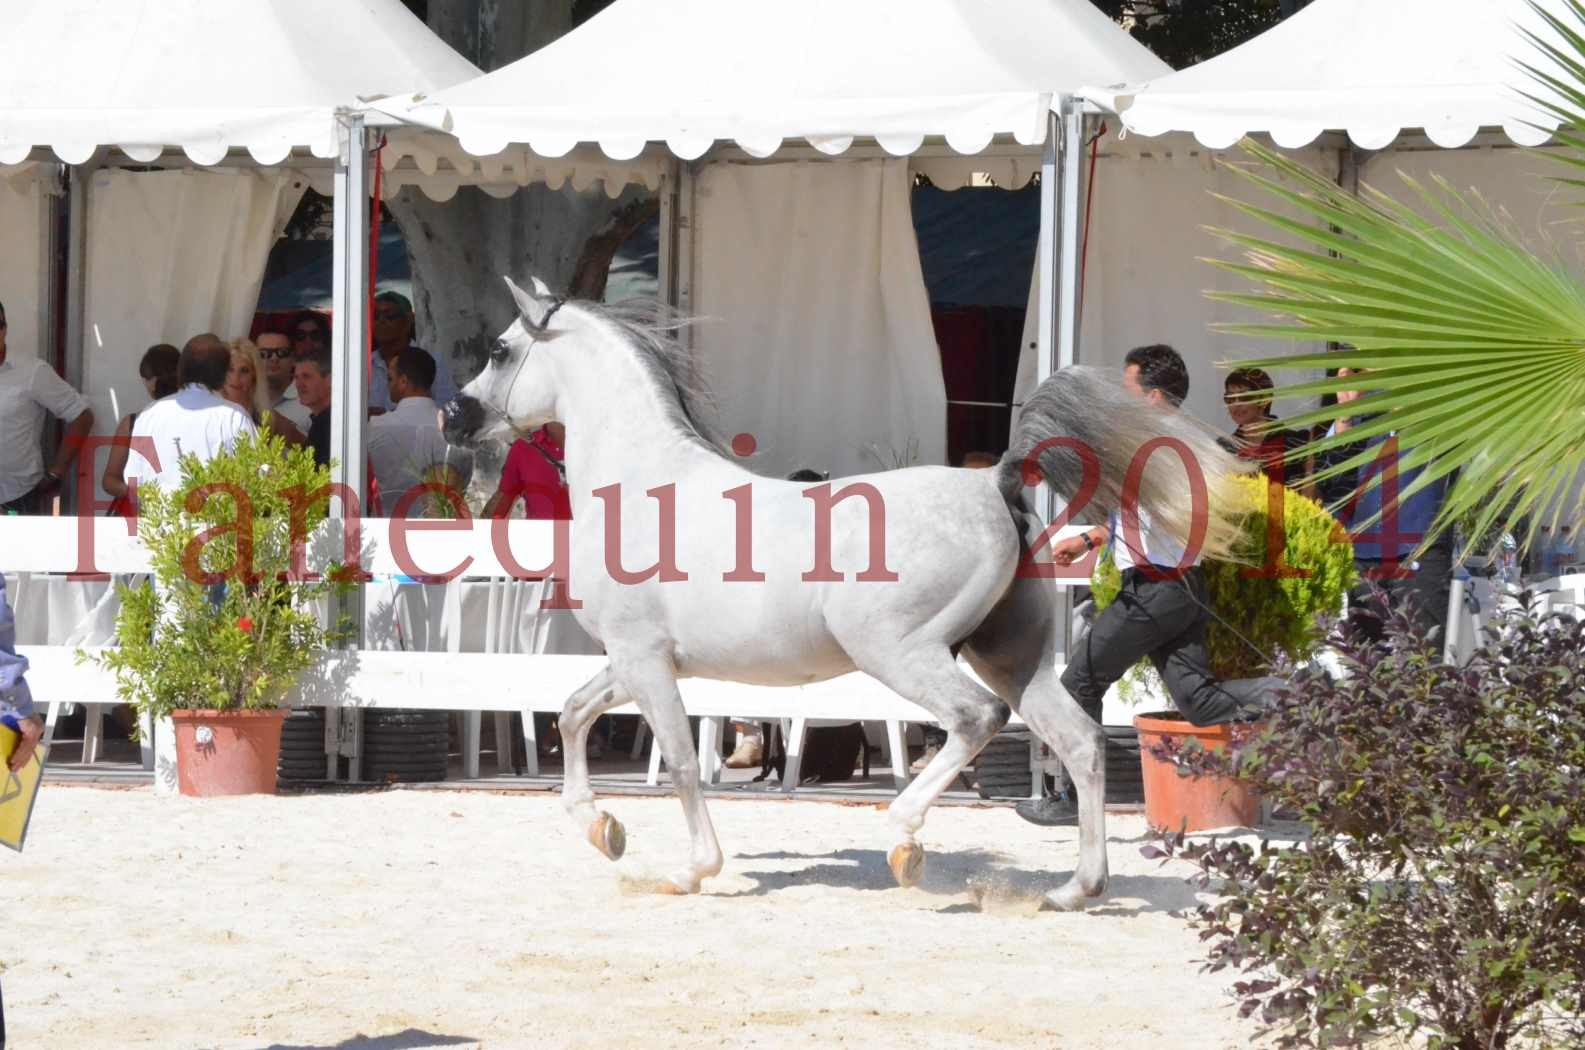 Concours National de Nîmes de chevaux ARABES 2014 - Sélection - SHAOLIN DE NEDJAIA - 09